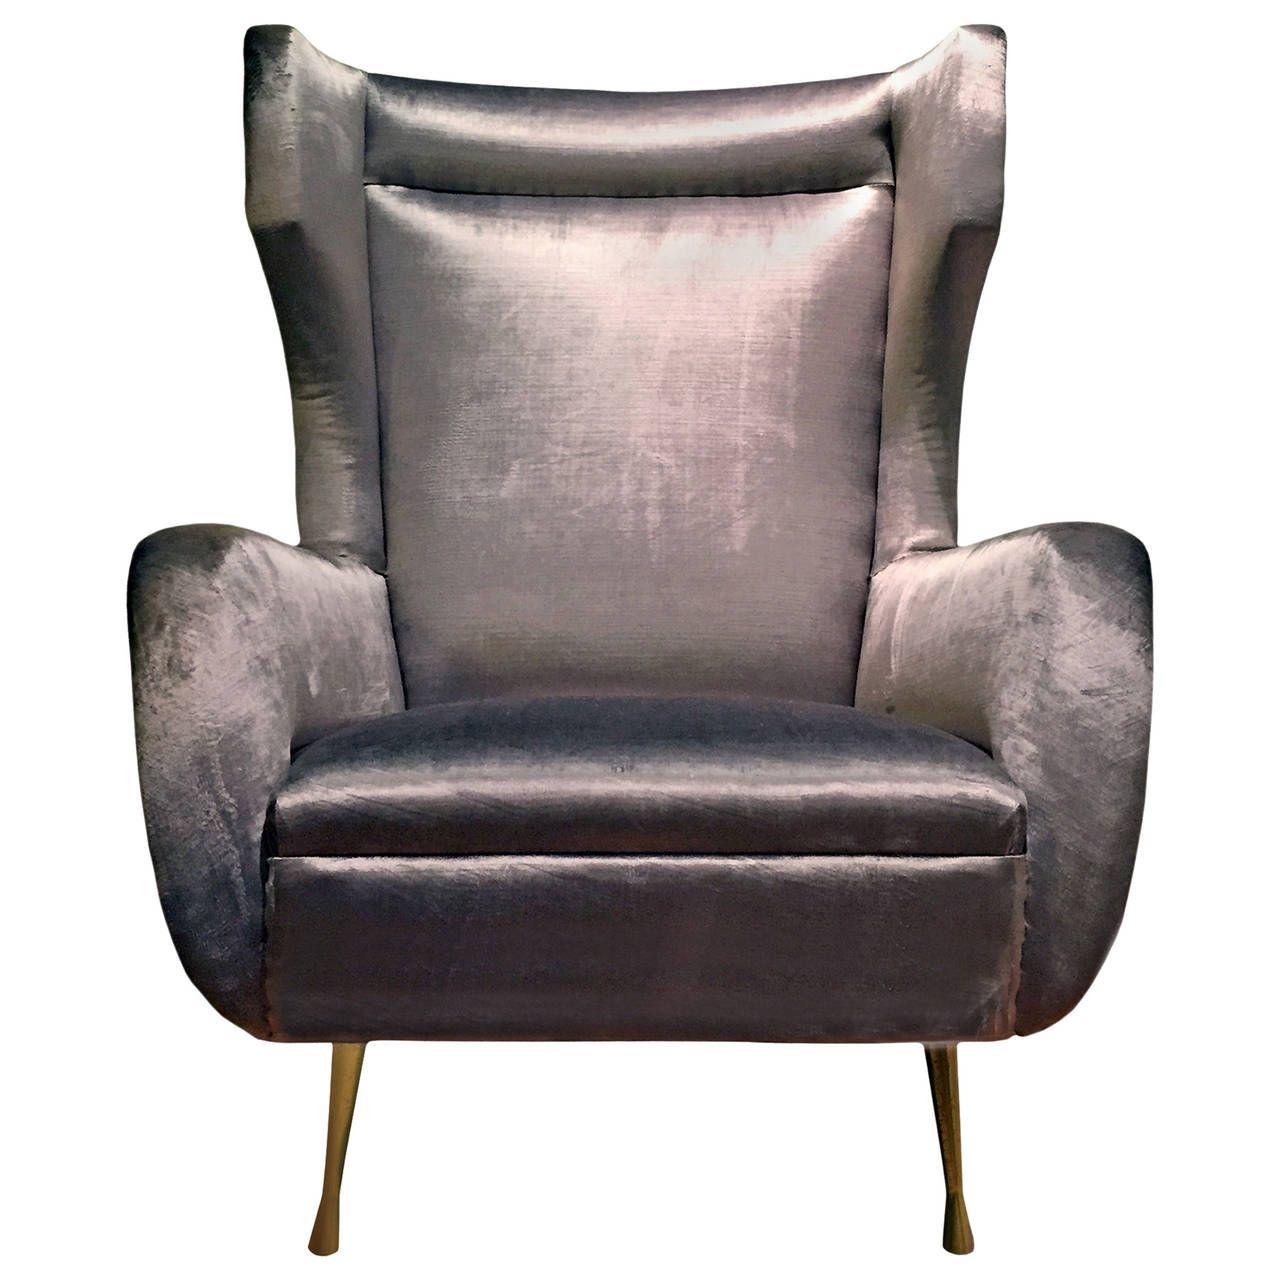 1950s Curved Velvet Wingback Armchair | Sofá y Sillas